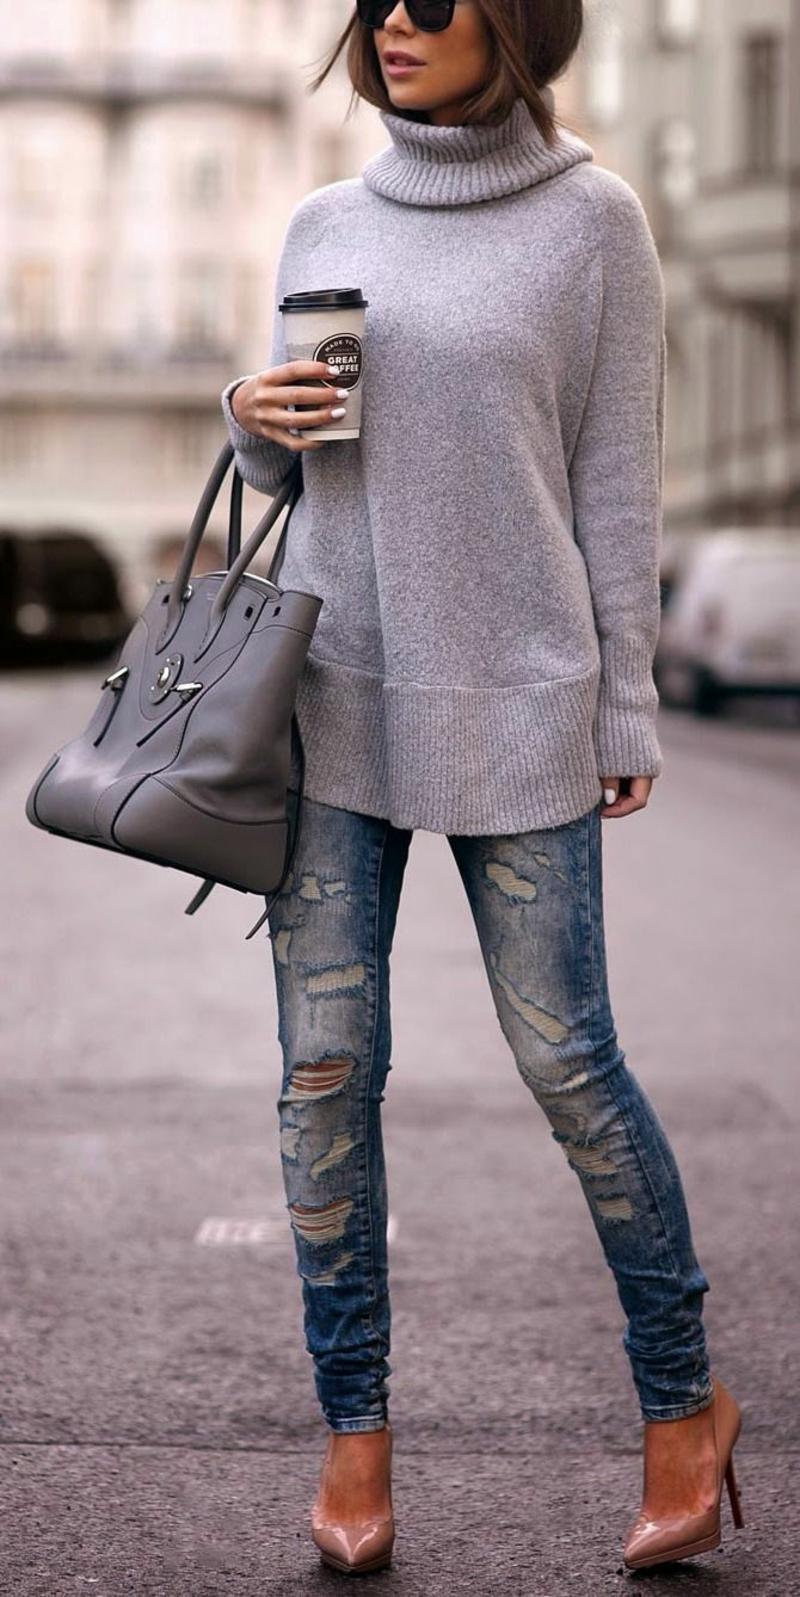 Longpullover Damen mit Jeans und Pumps